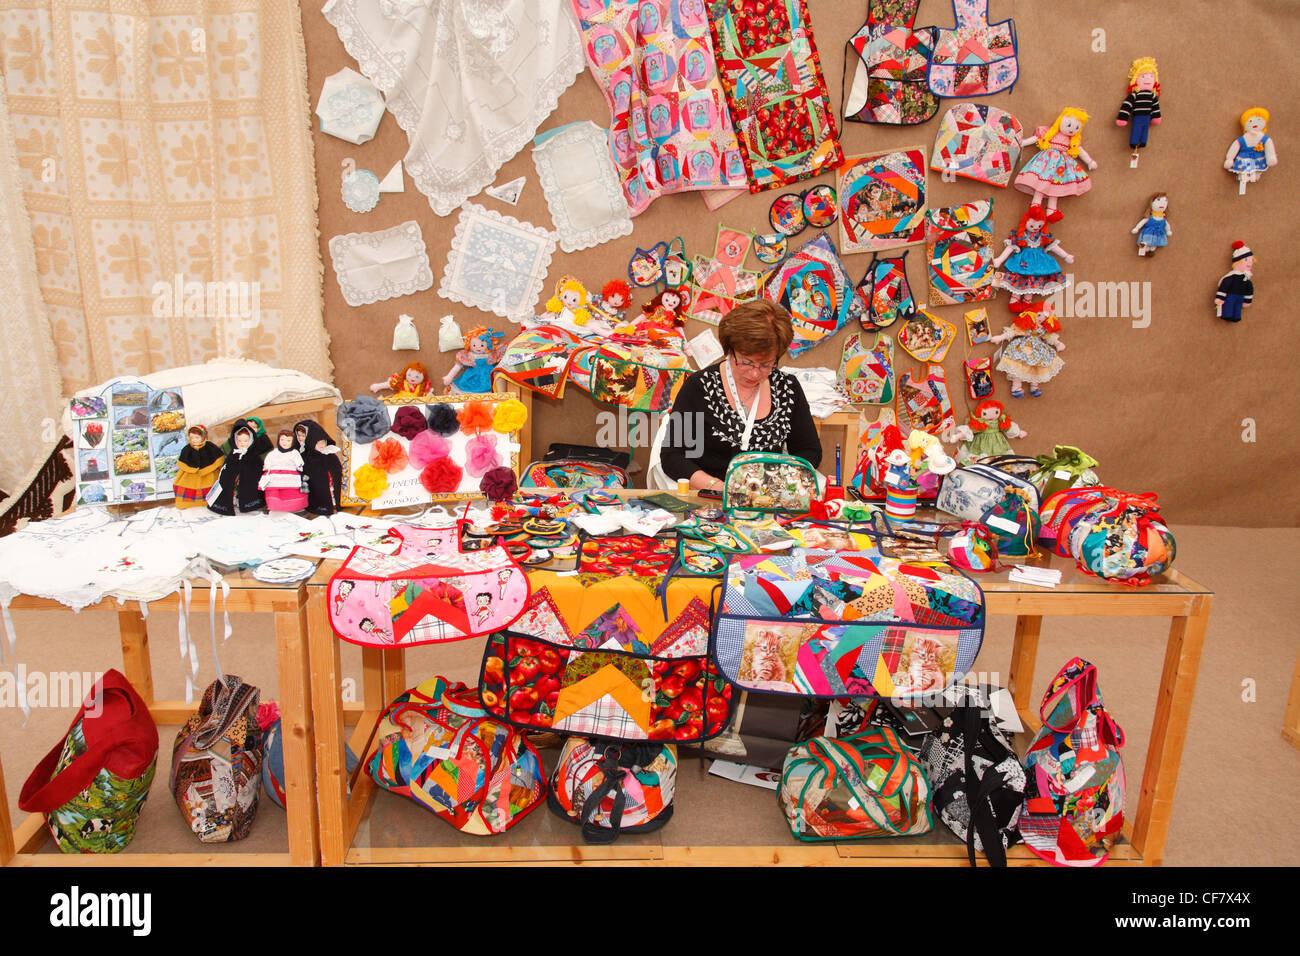 Azoren Handwerkerin, umgeben von ihren Werken. Azoren, Portugal. Stockbild